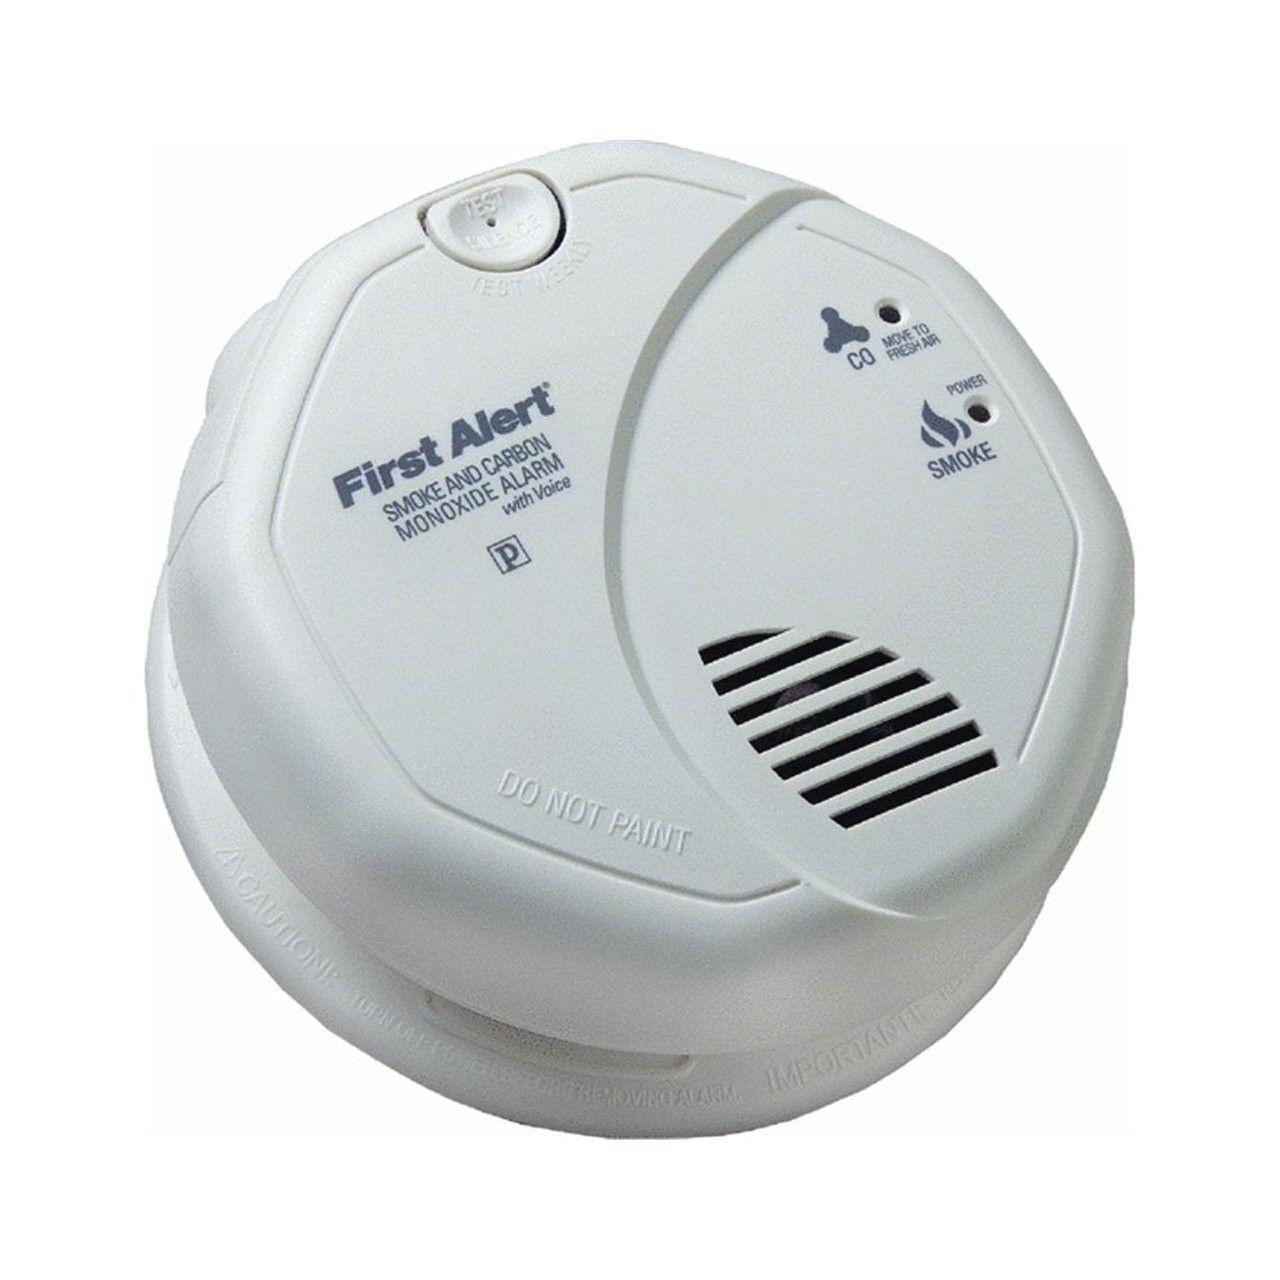 Brk First Alert Sc7010bv Carbon Monoxide Smoke Alarm 120v Hardwired Photoelectric W Battery Backup With Images Carbon Monoxide Alarms Motion Sensor Lights Outdoor Smoke Alarms